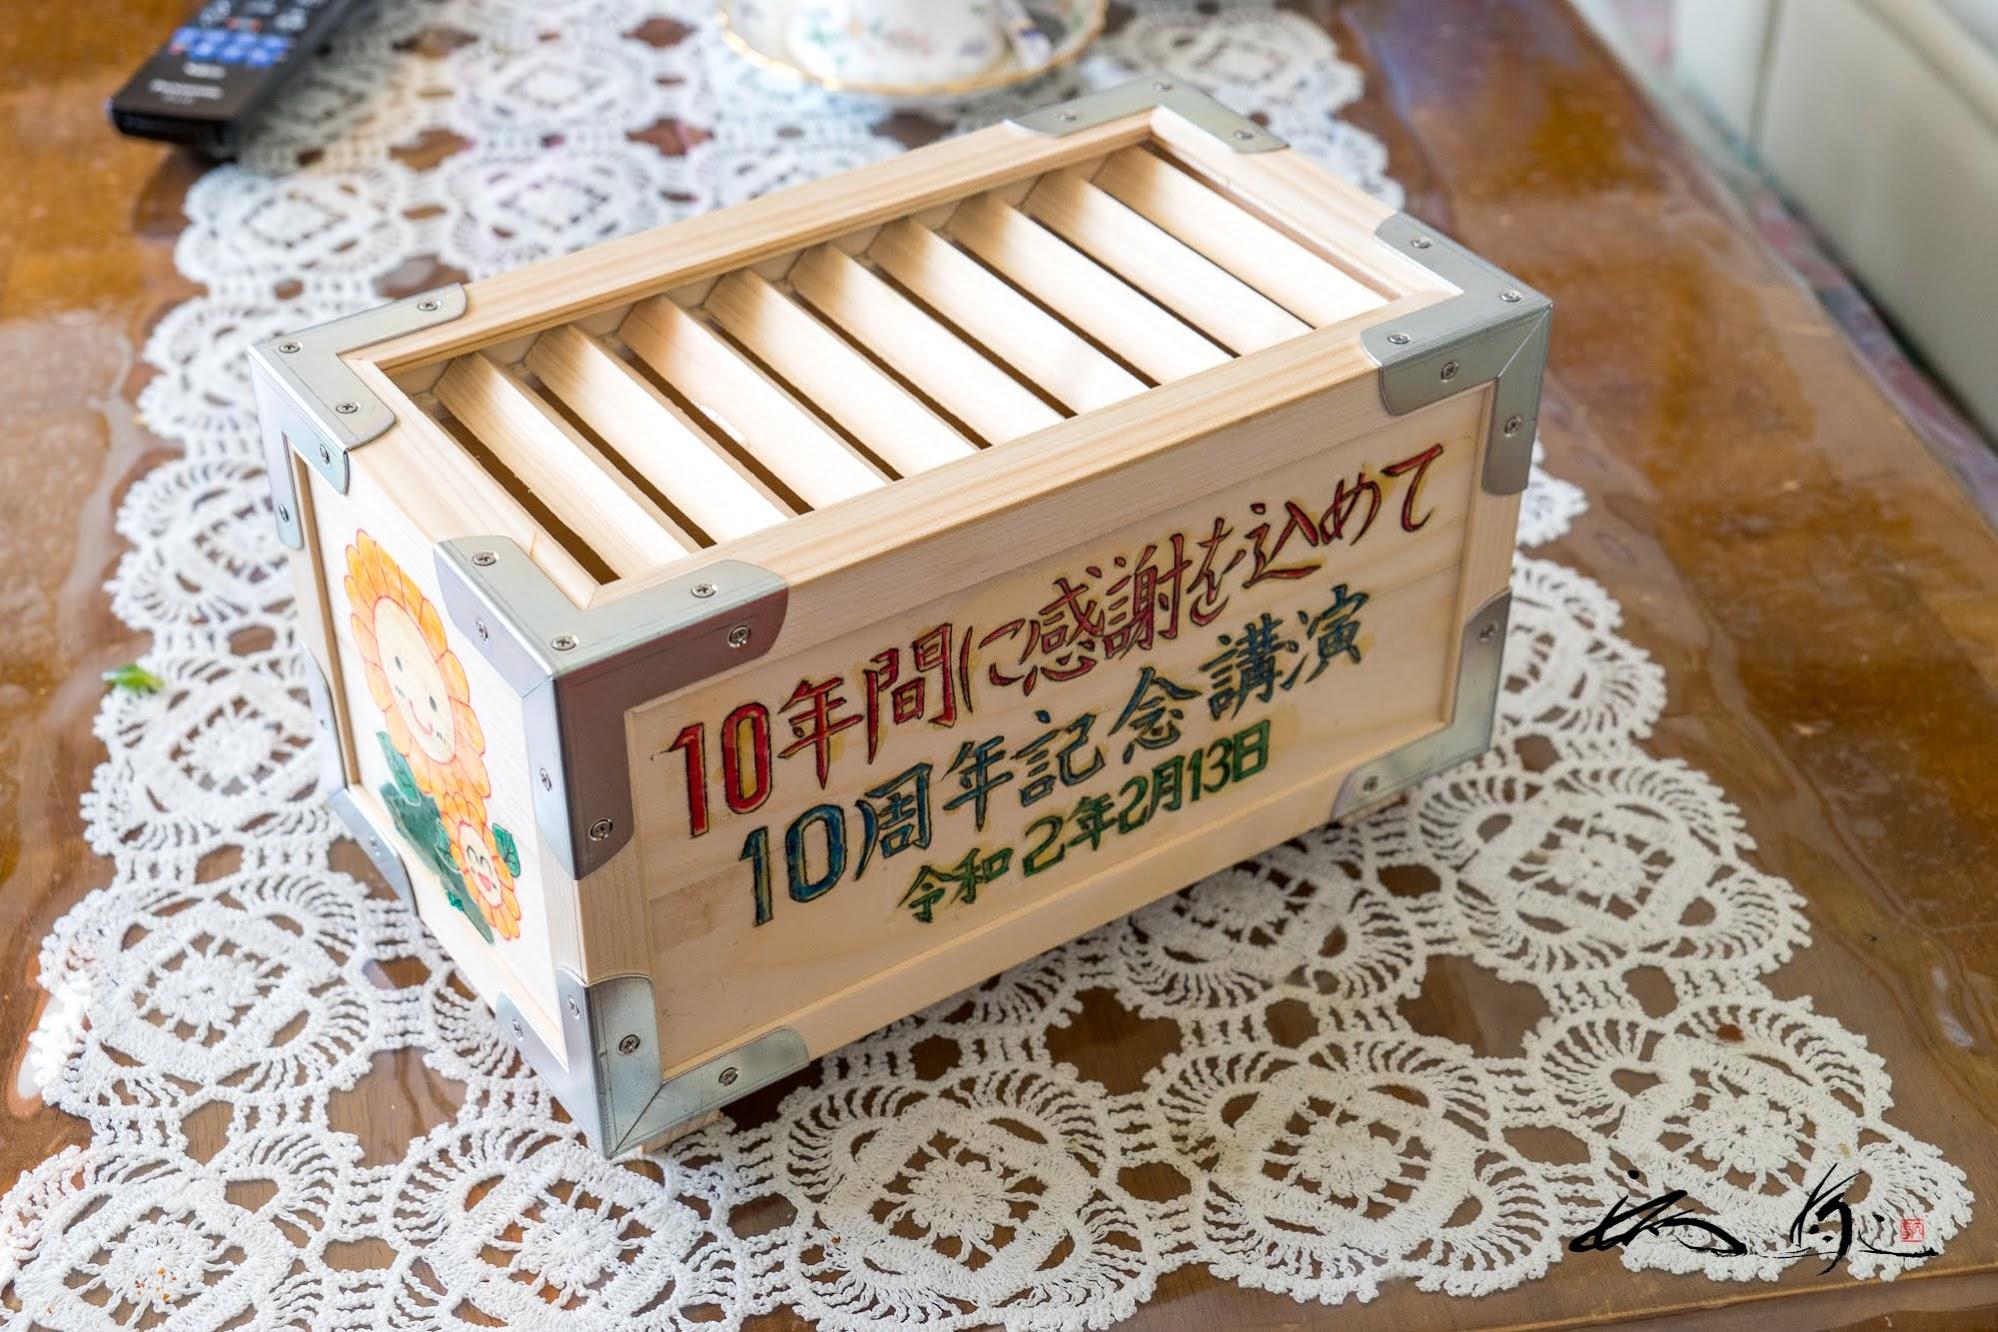 山田孝雄さん手作りミニ賽銭箱